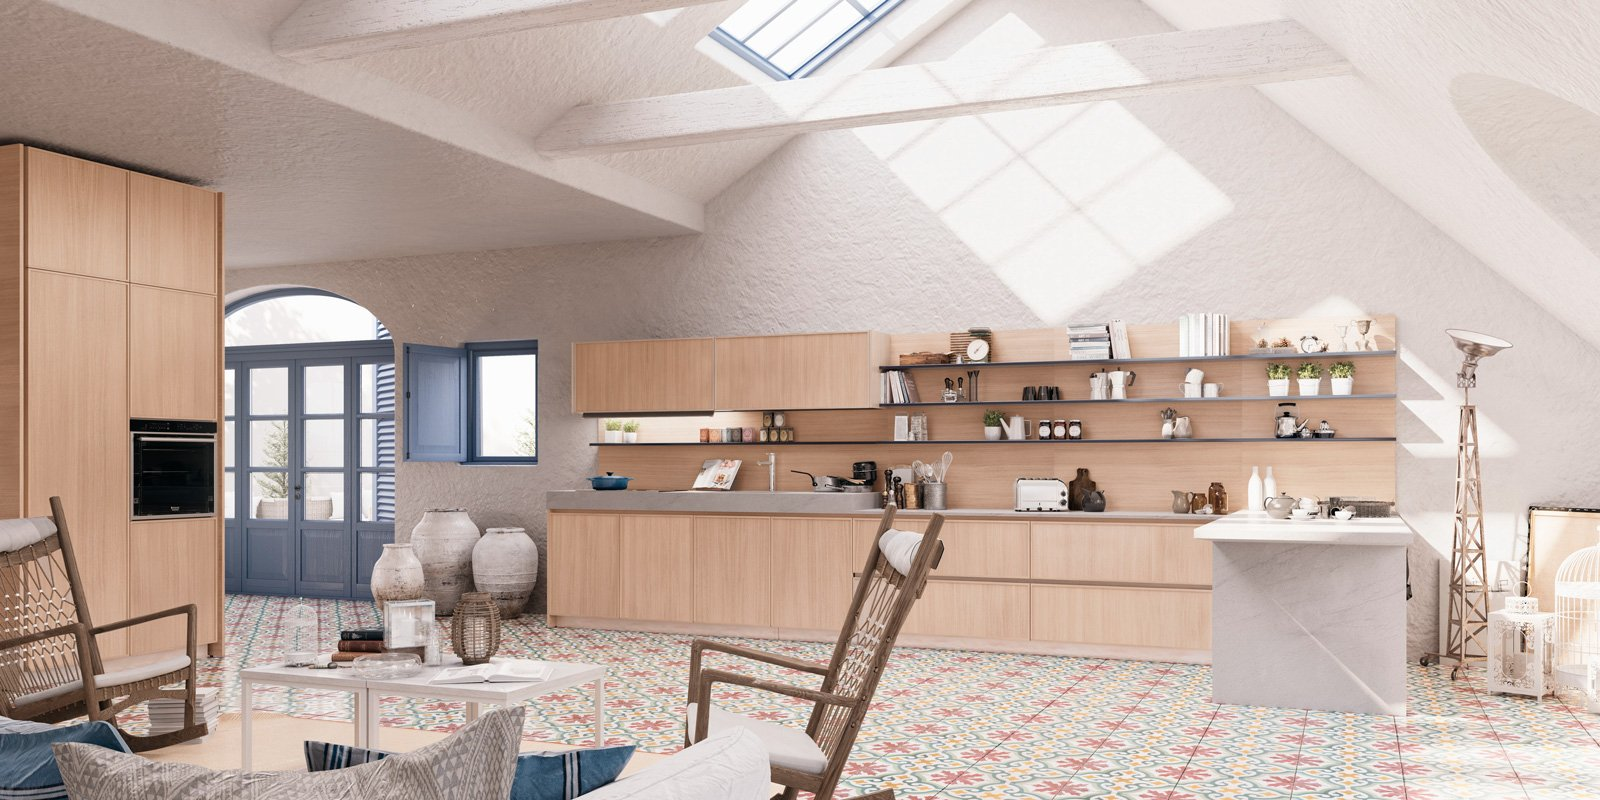 Cucine a vista per il loft nel soggiorno open space for Soggiorno creta